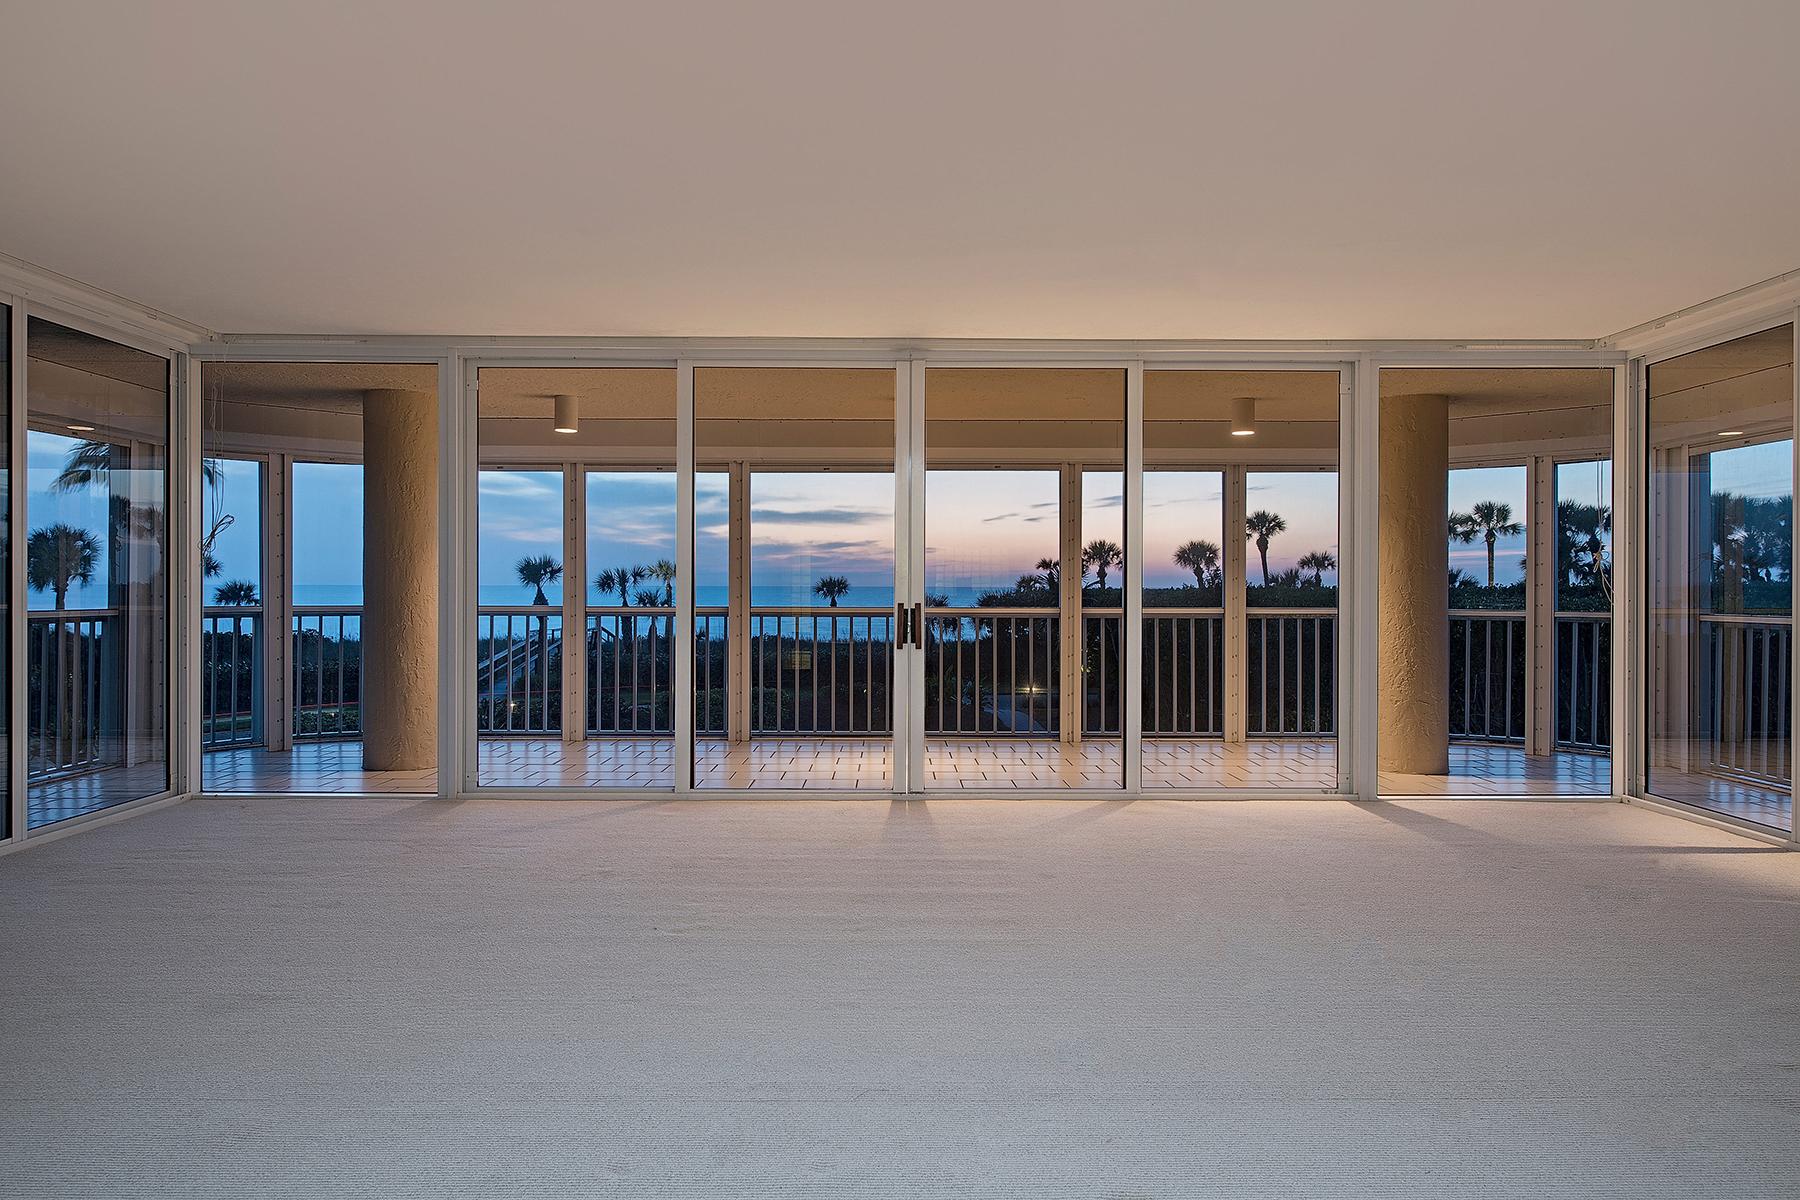 共管式独立产权公寓 为 销售 在 NAPLES CAY - BEACH HOUSE 20 Seagate Dr 102 那不勒斯, 佛罗里达州, 34103 美国